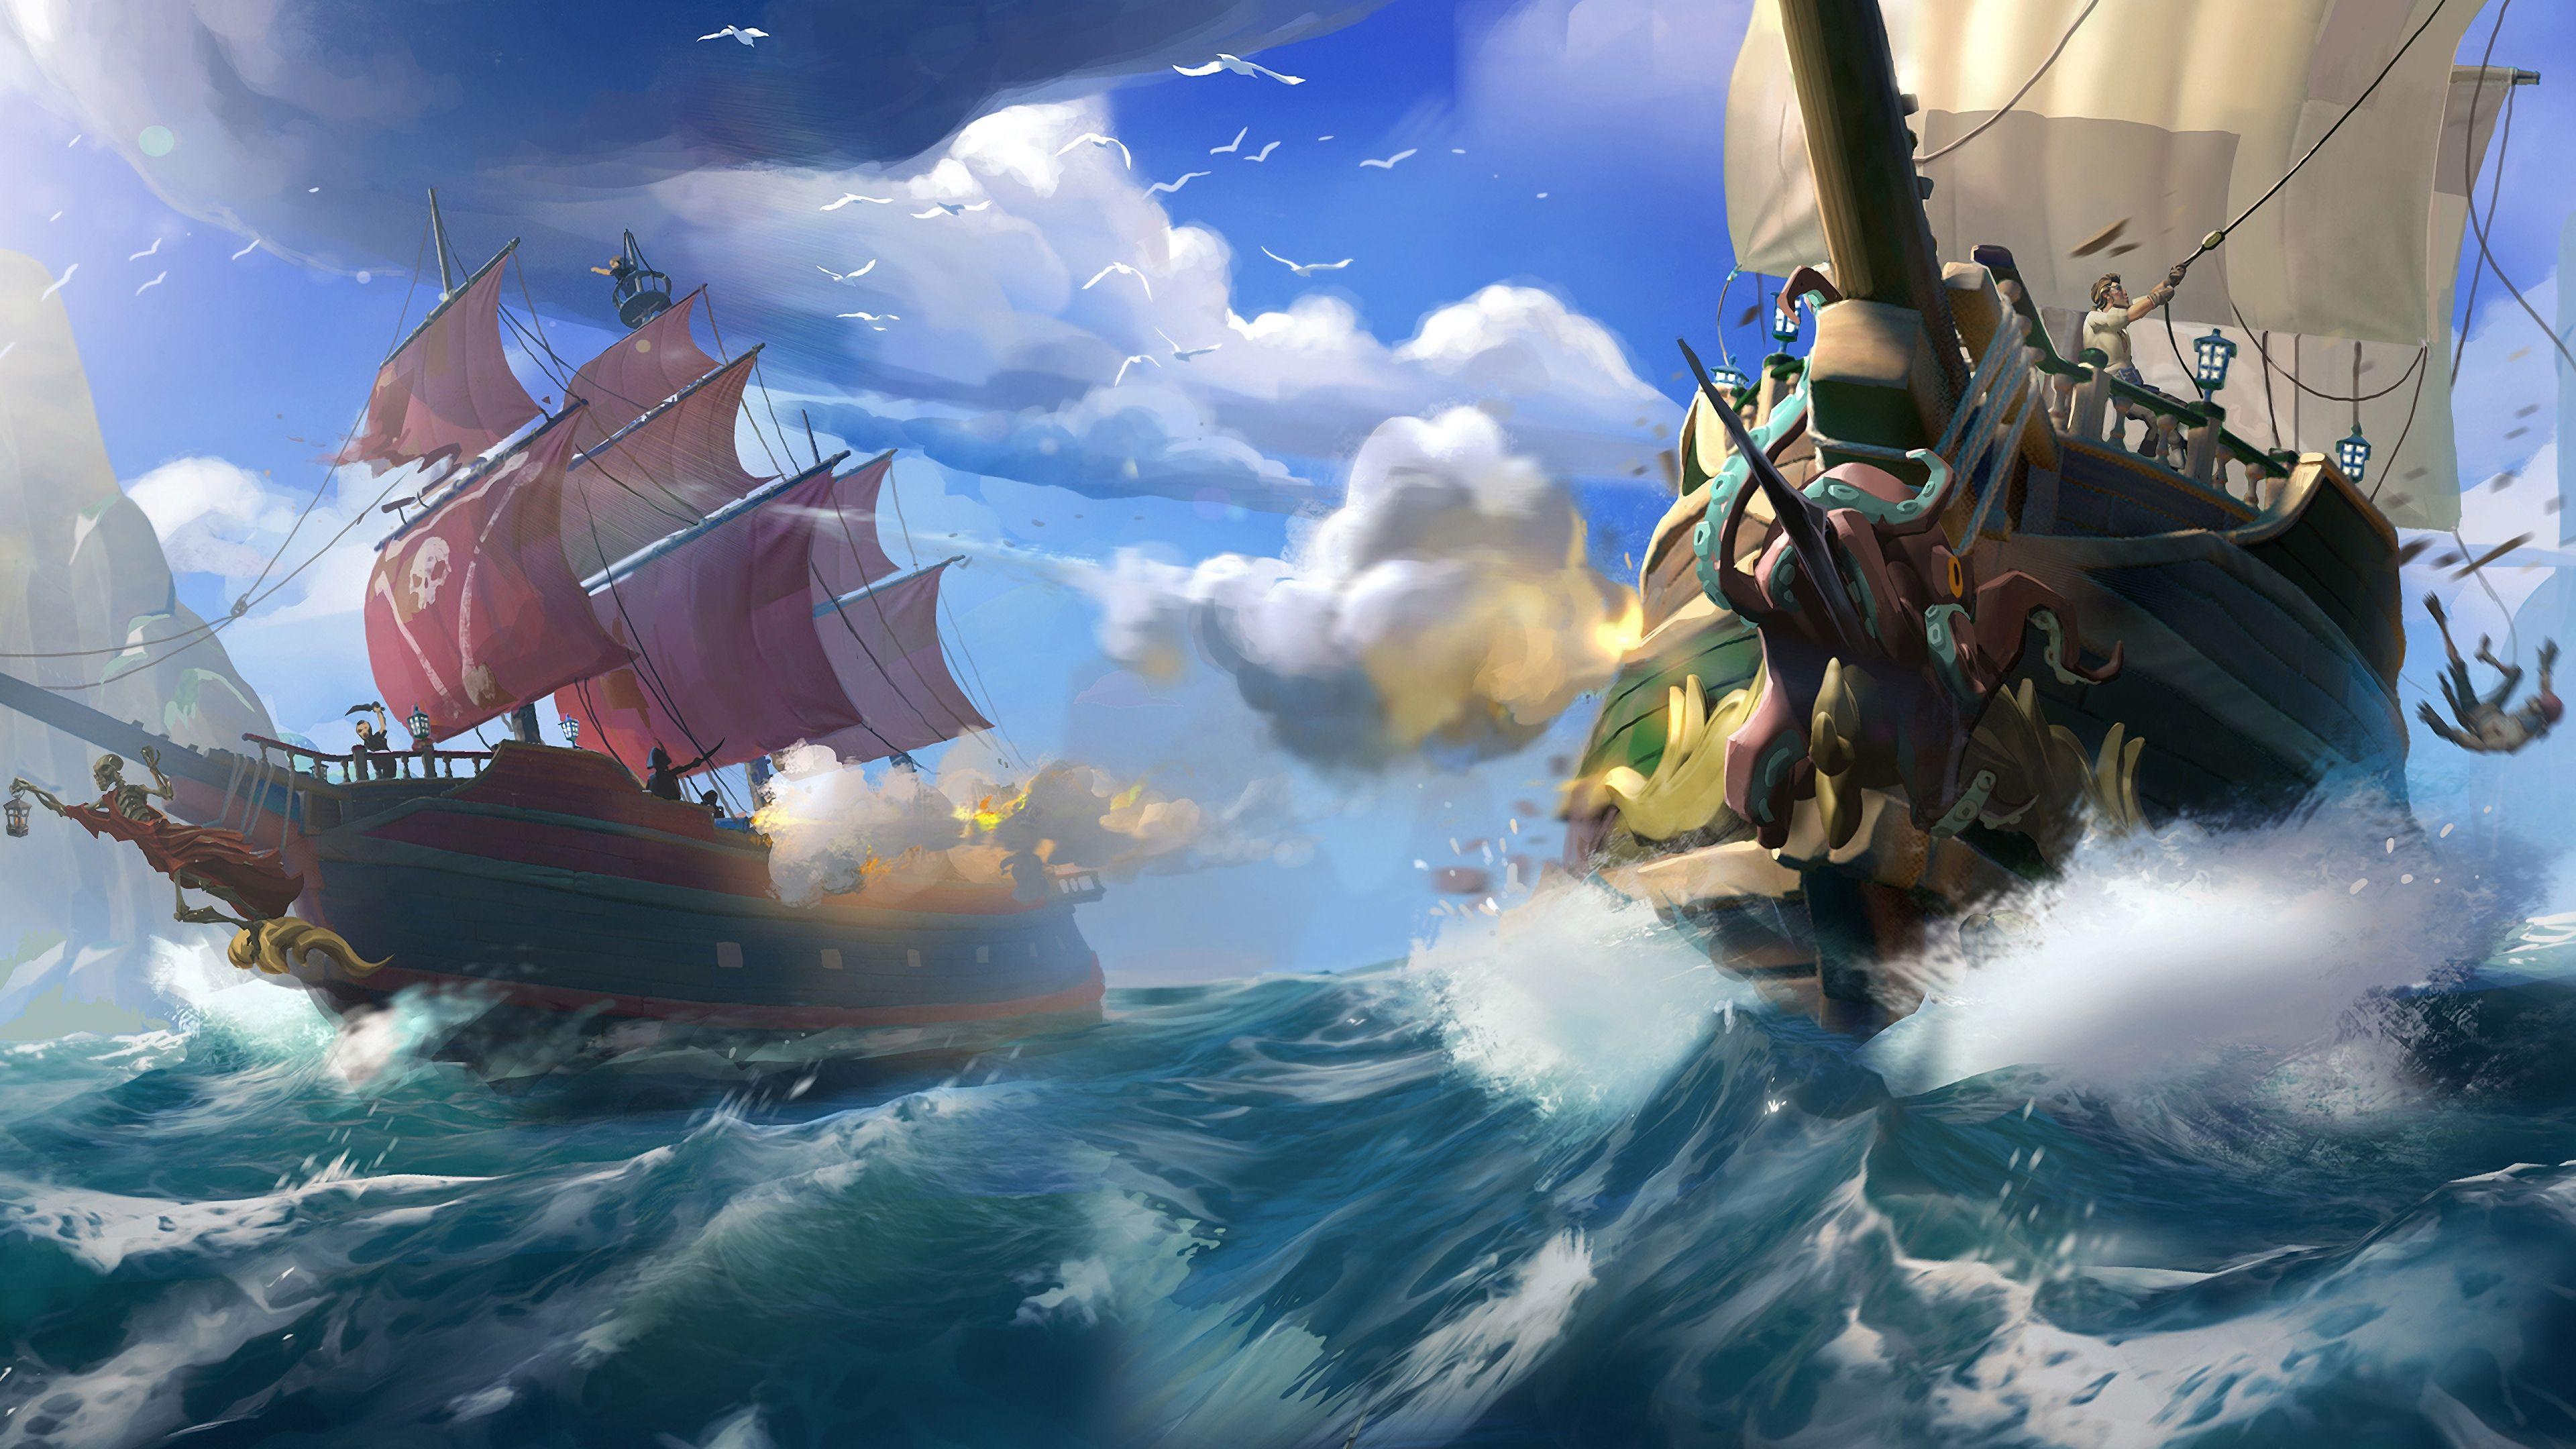 Permainan online berlatar era bajak laut, Sea of Thieves Foto: Xbox Game Studios